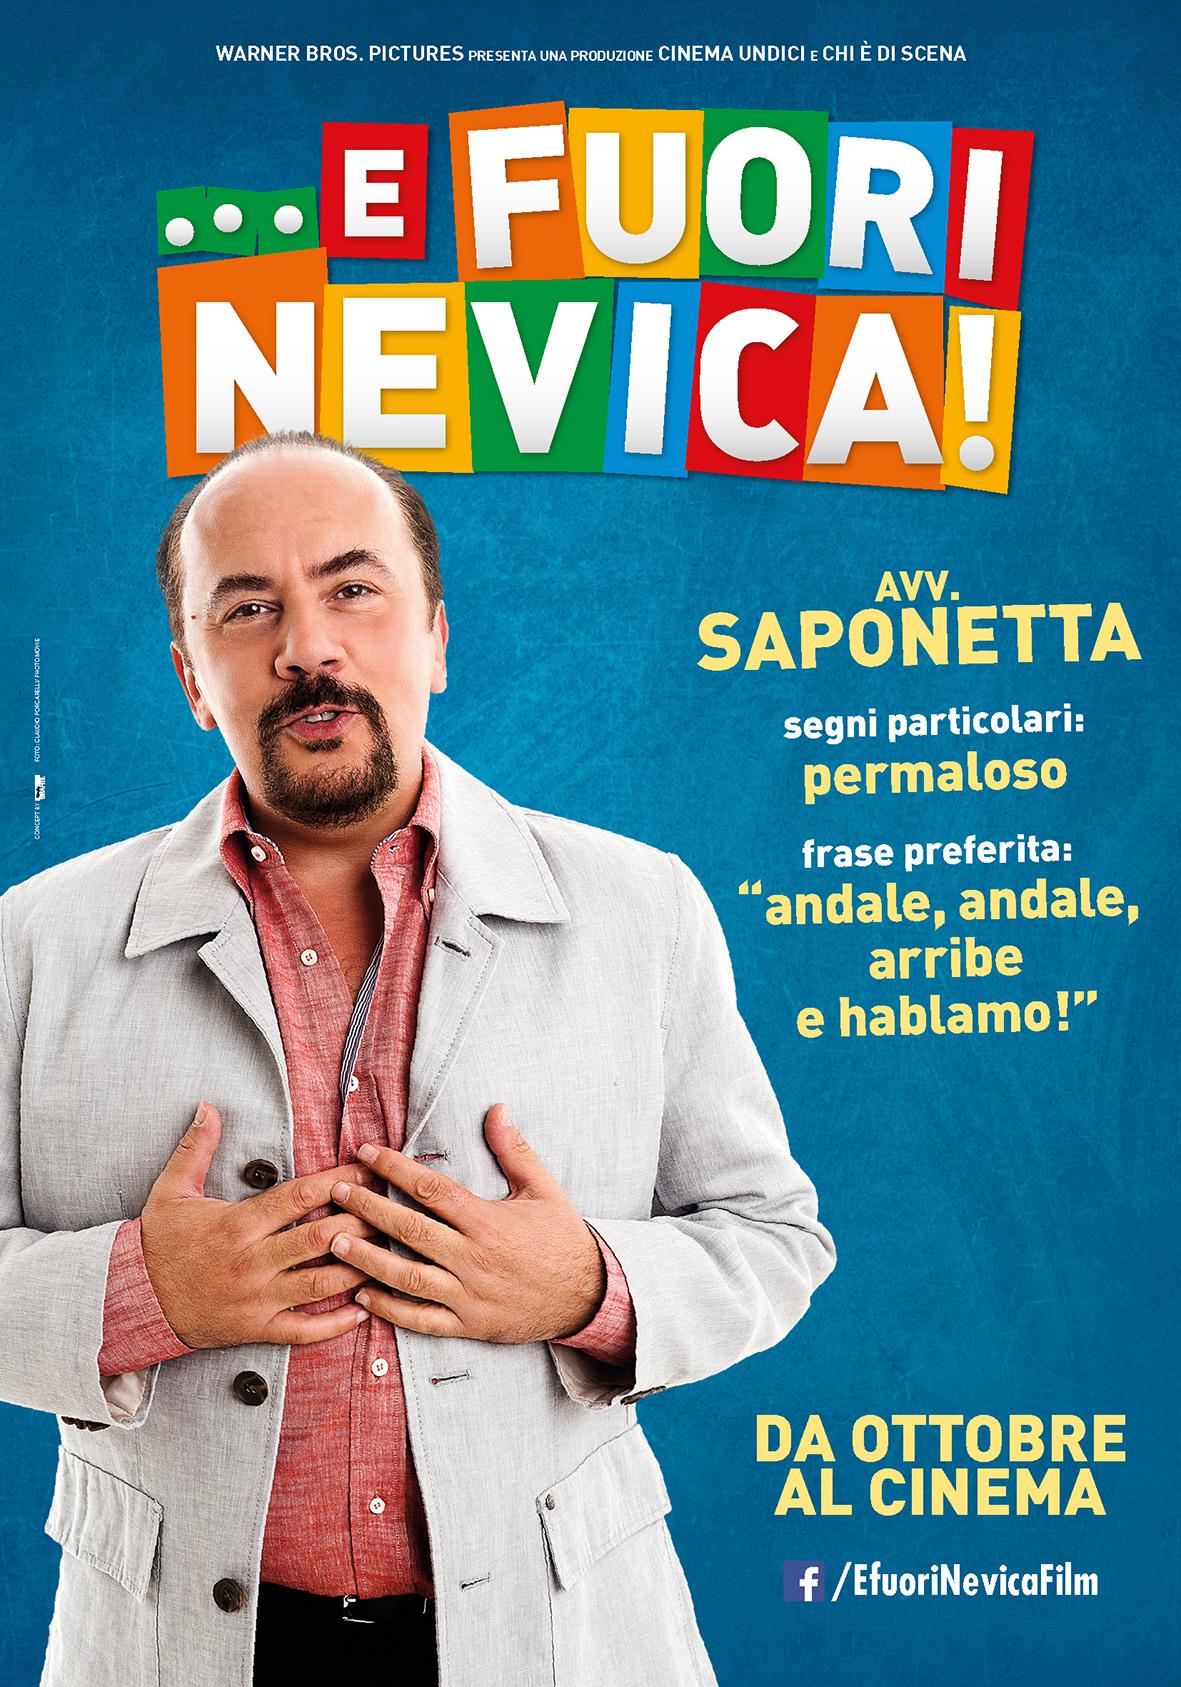 ...E fuori nevica!: Maurizio Casagrande nel character poster dell'Avvocato Saponetta